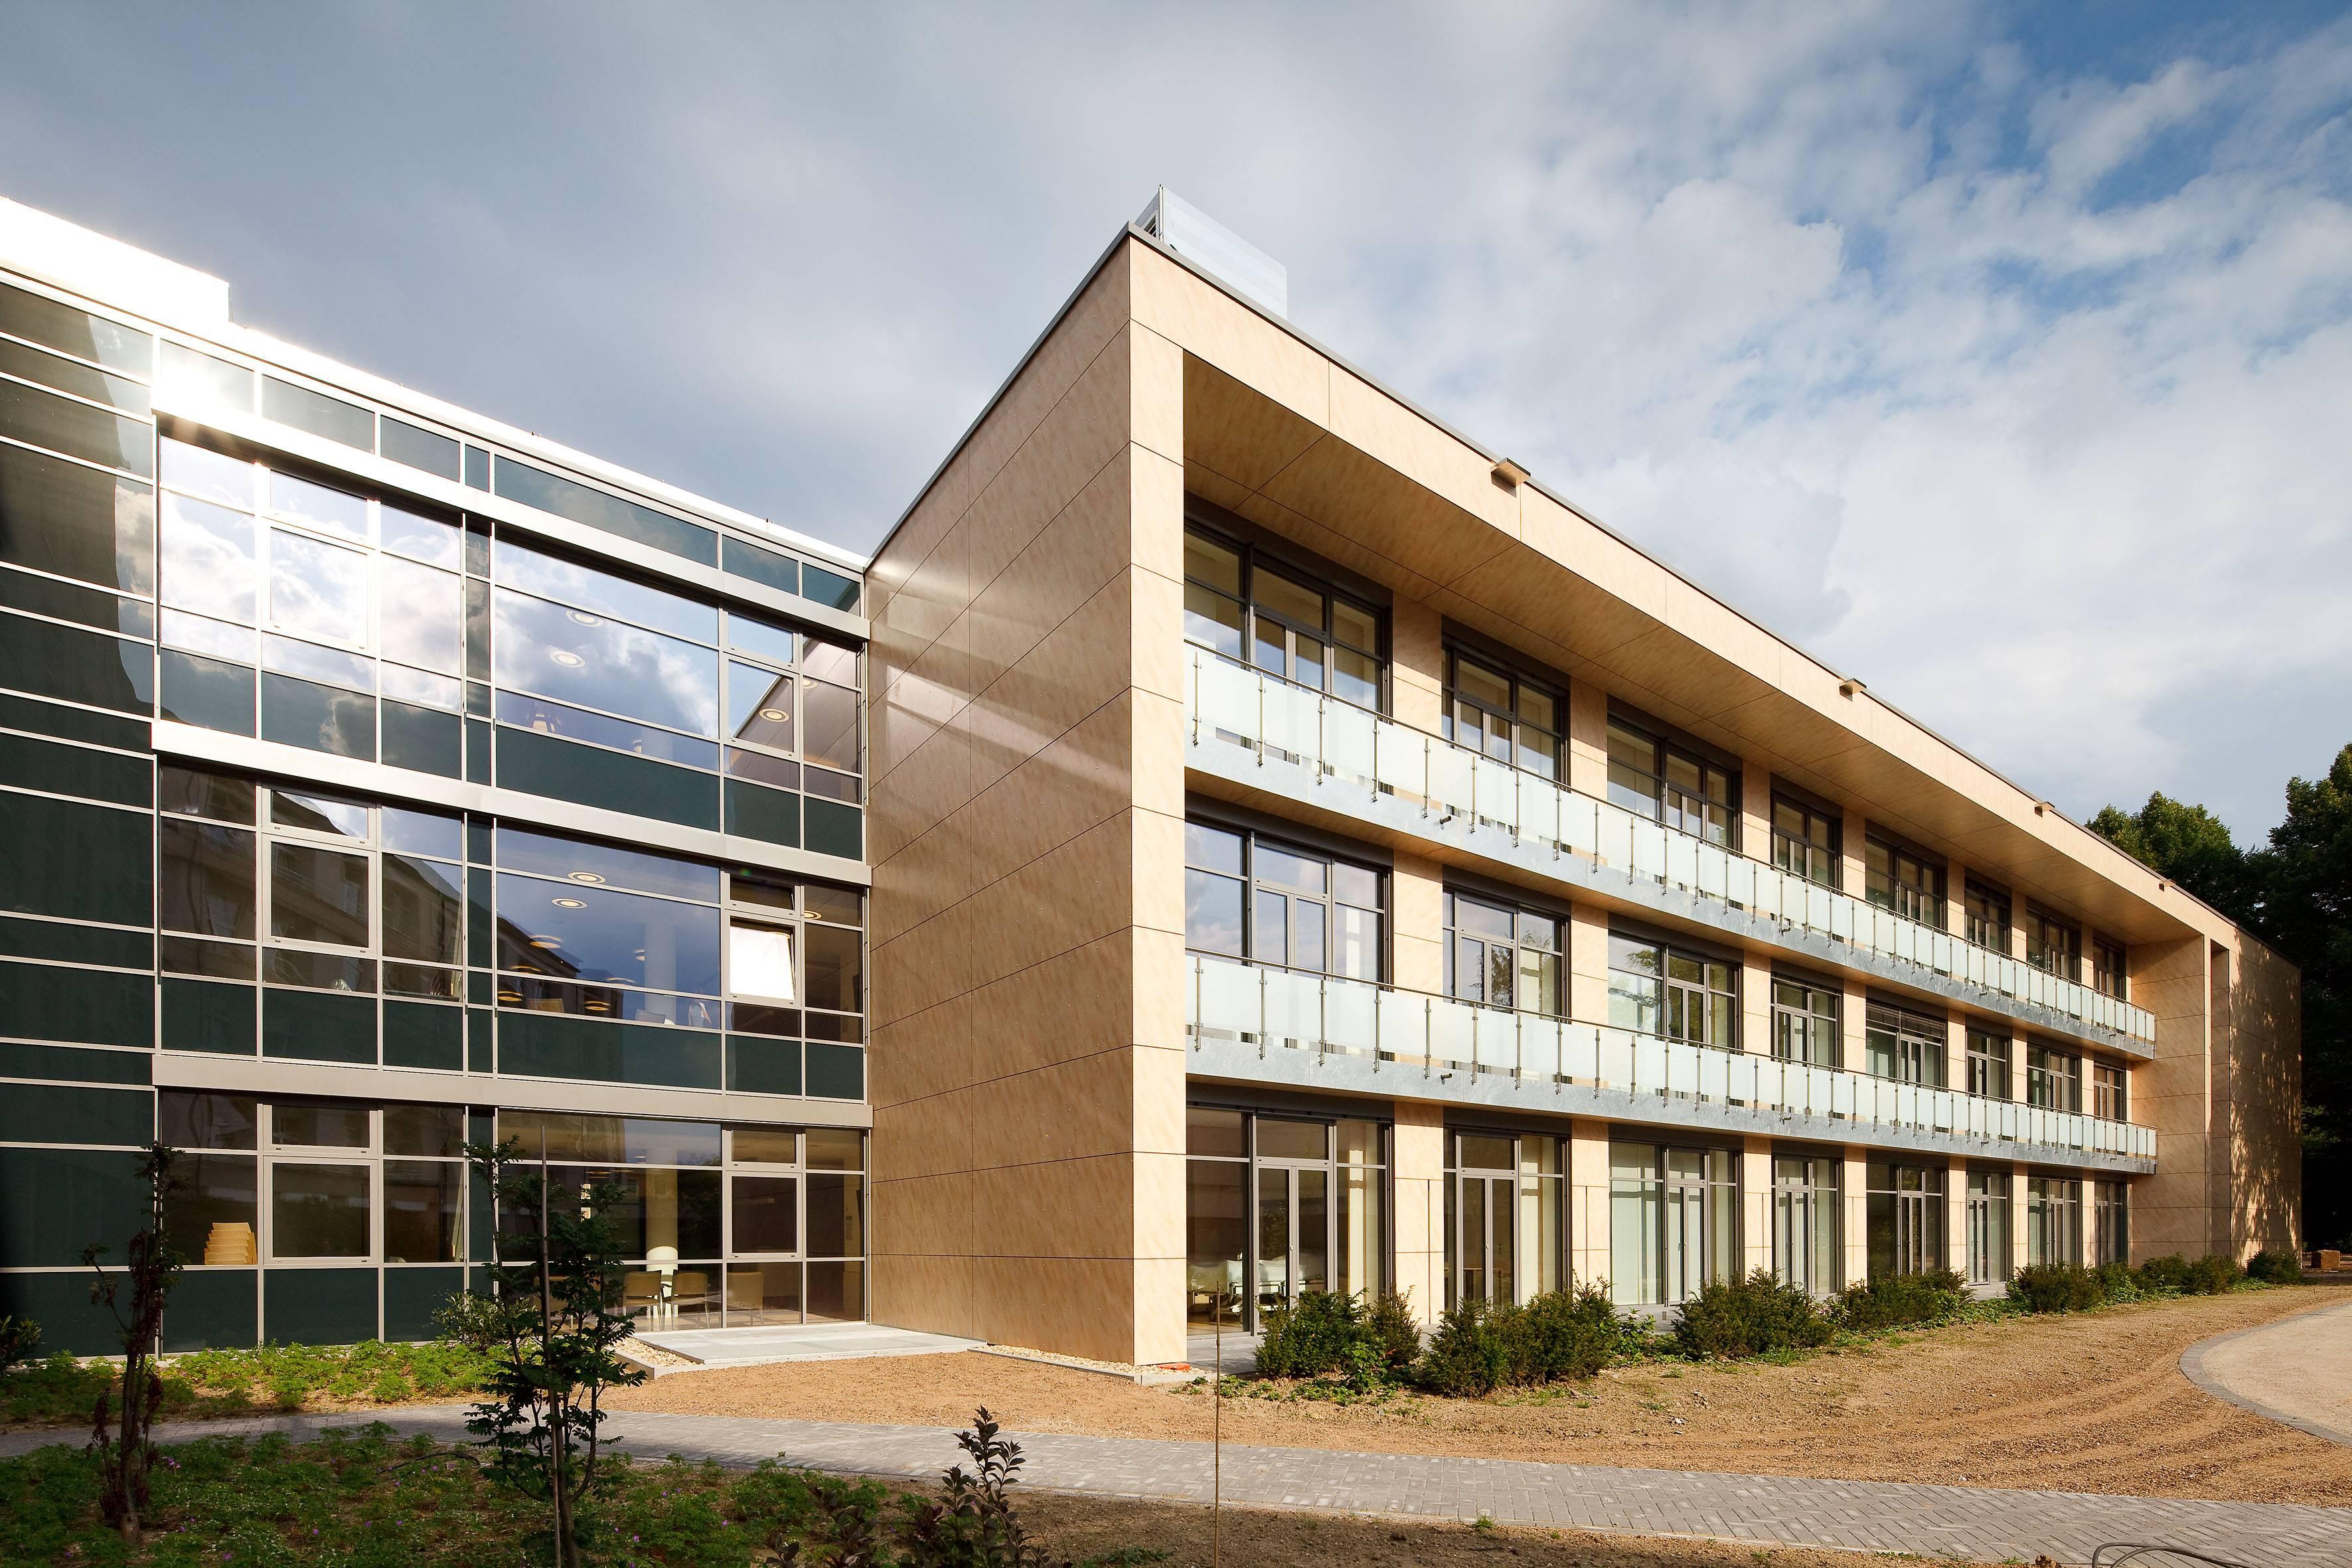 Университетская клиника эссен (германия): отзывы, цена лечения